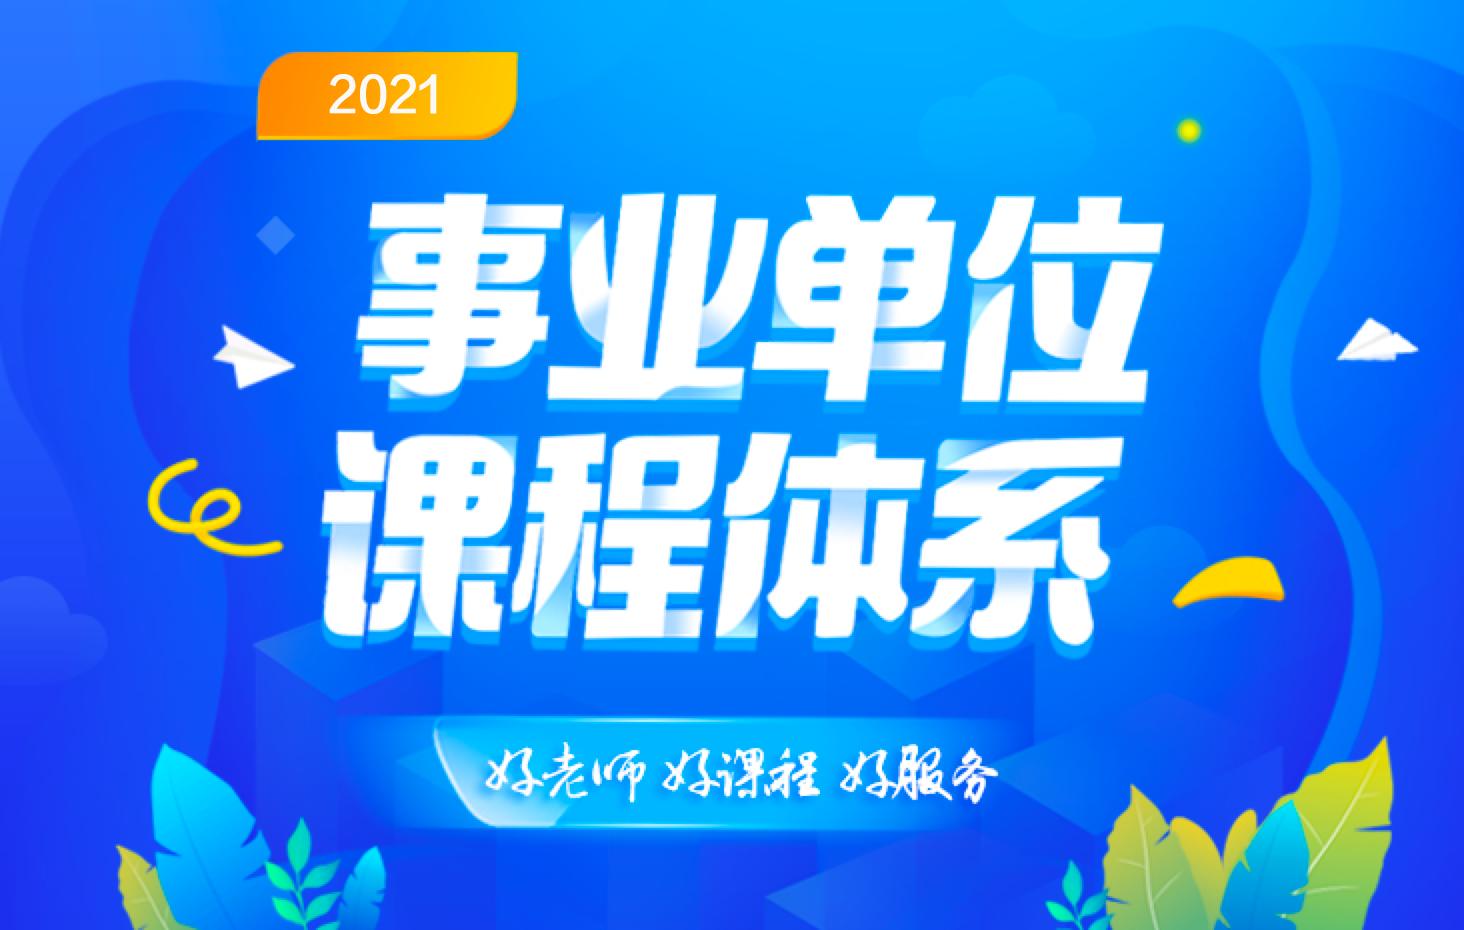 2021年全��事�I�挝豢荚��n程